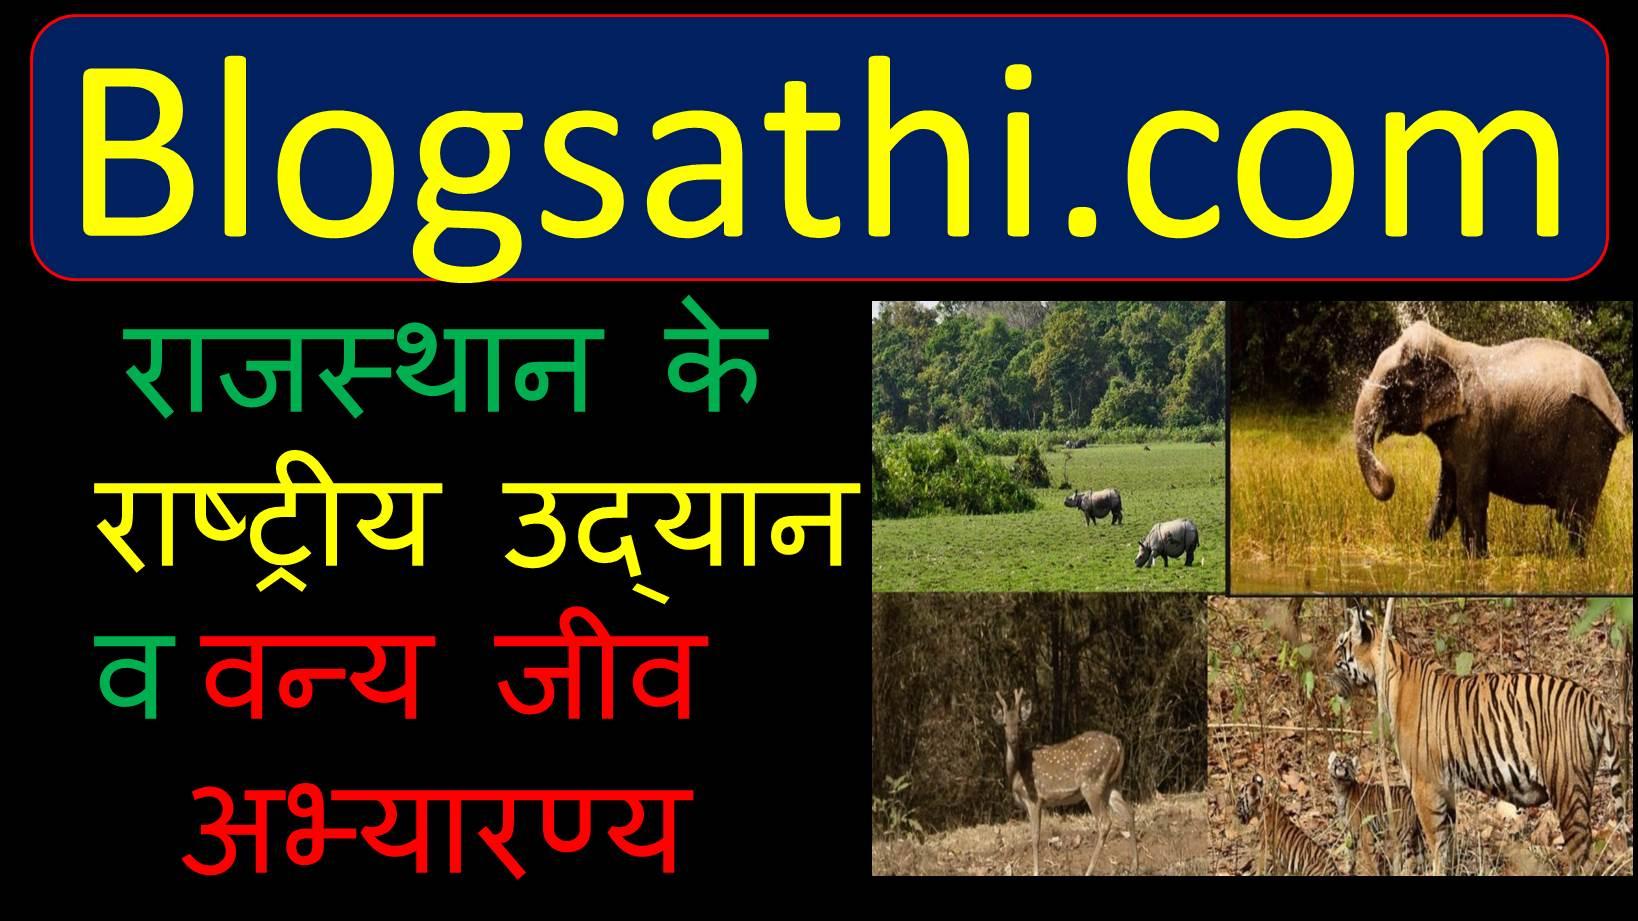 राजस्थान-के-राष्ट्रीय-उद्यान-व-वन्य-जीव-अभ्यारण्य